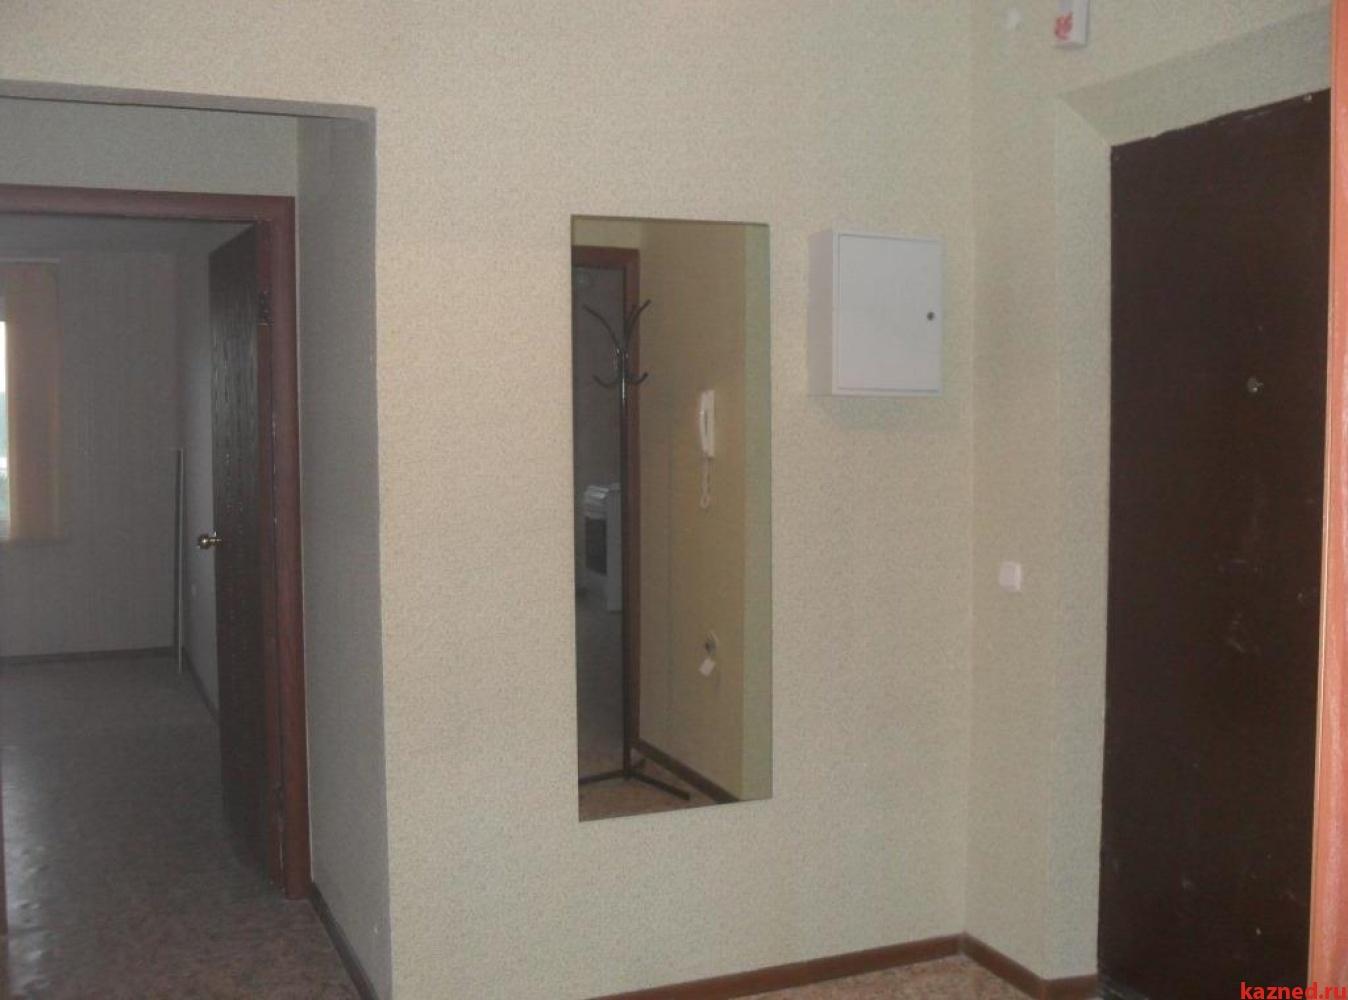 Продажа 2-к квартиры Привокзальная 52, 66 м² (миниатюра №5)